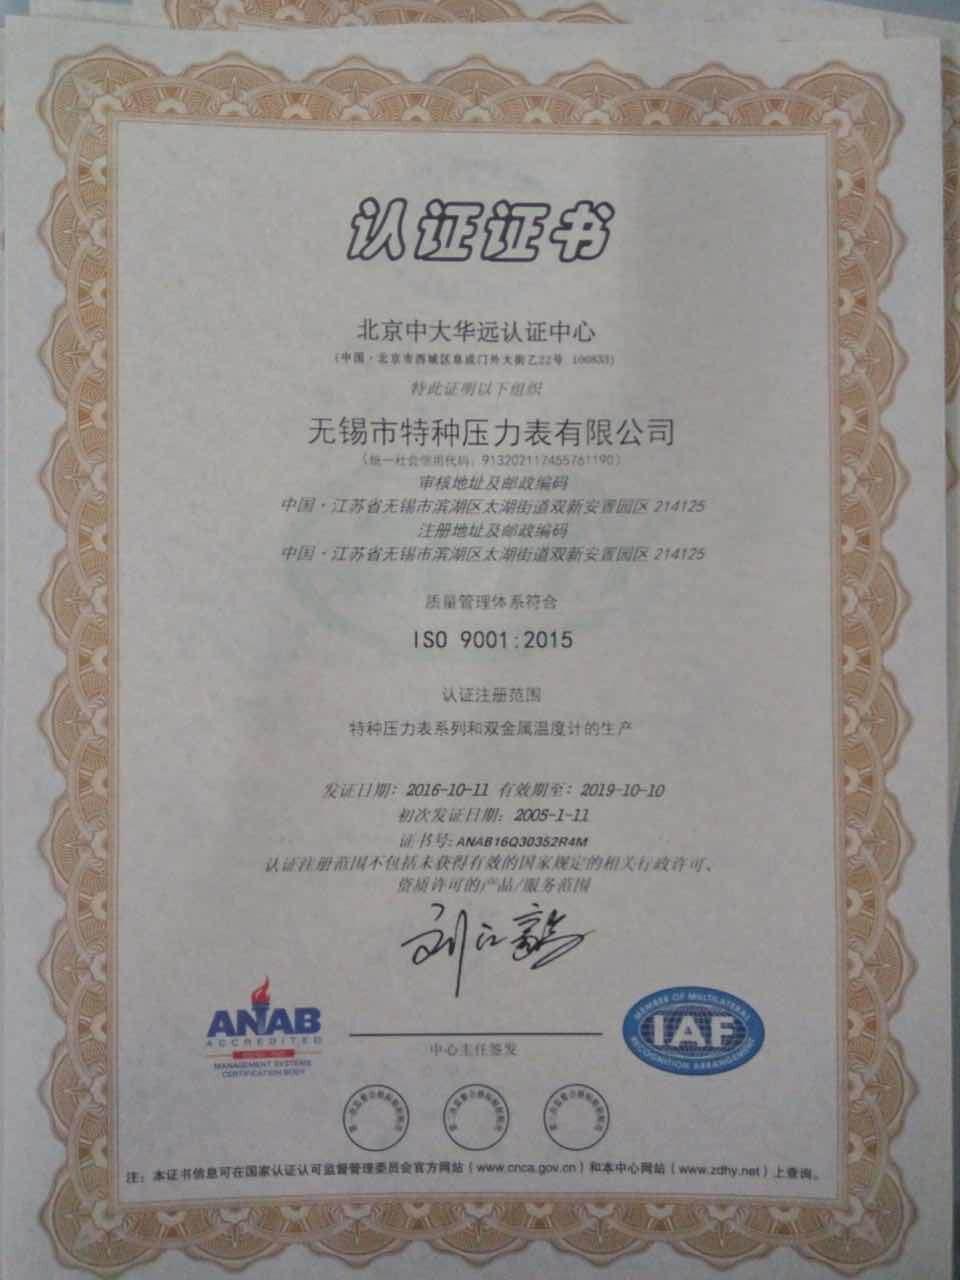 雪浪压力表获得ISO9001证书